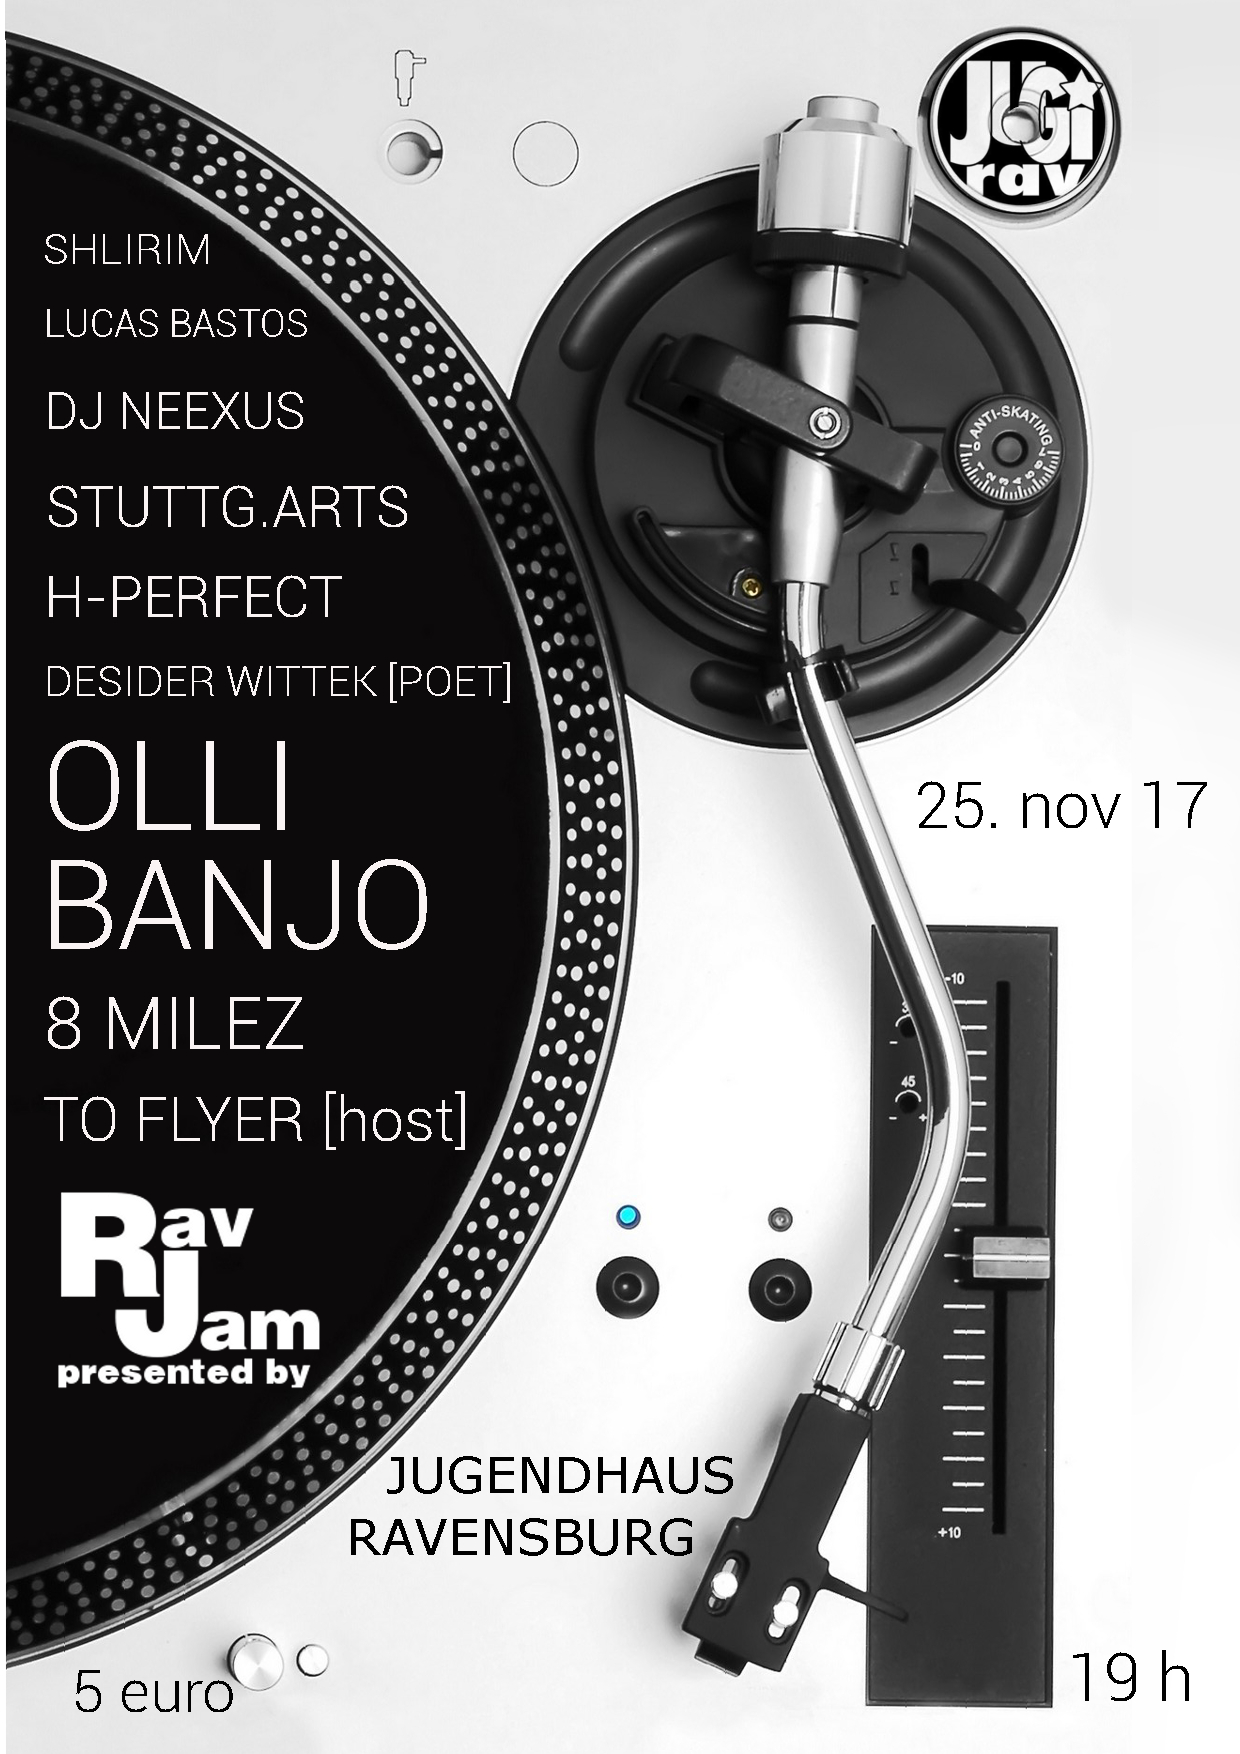 RAV JAM 25.11.2017 Flyer front